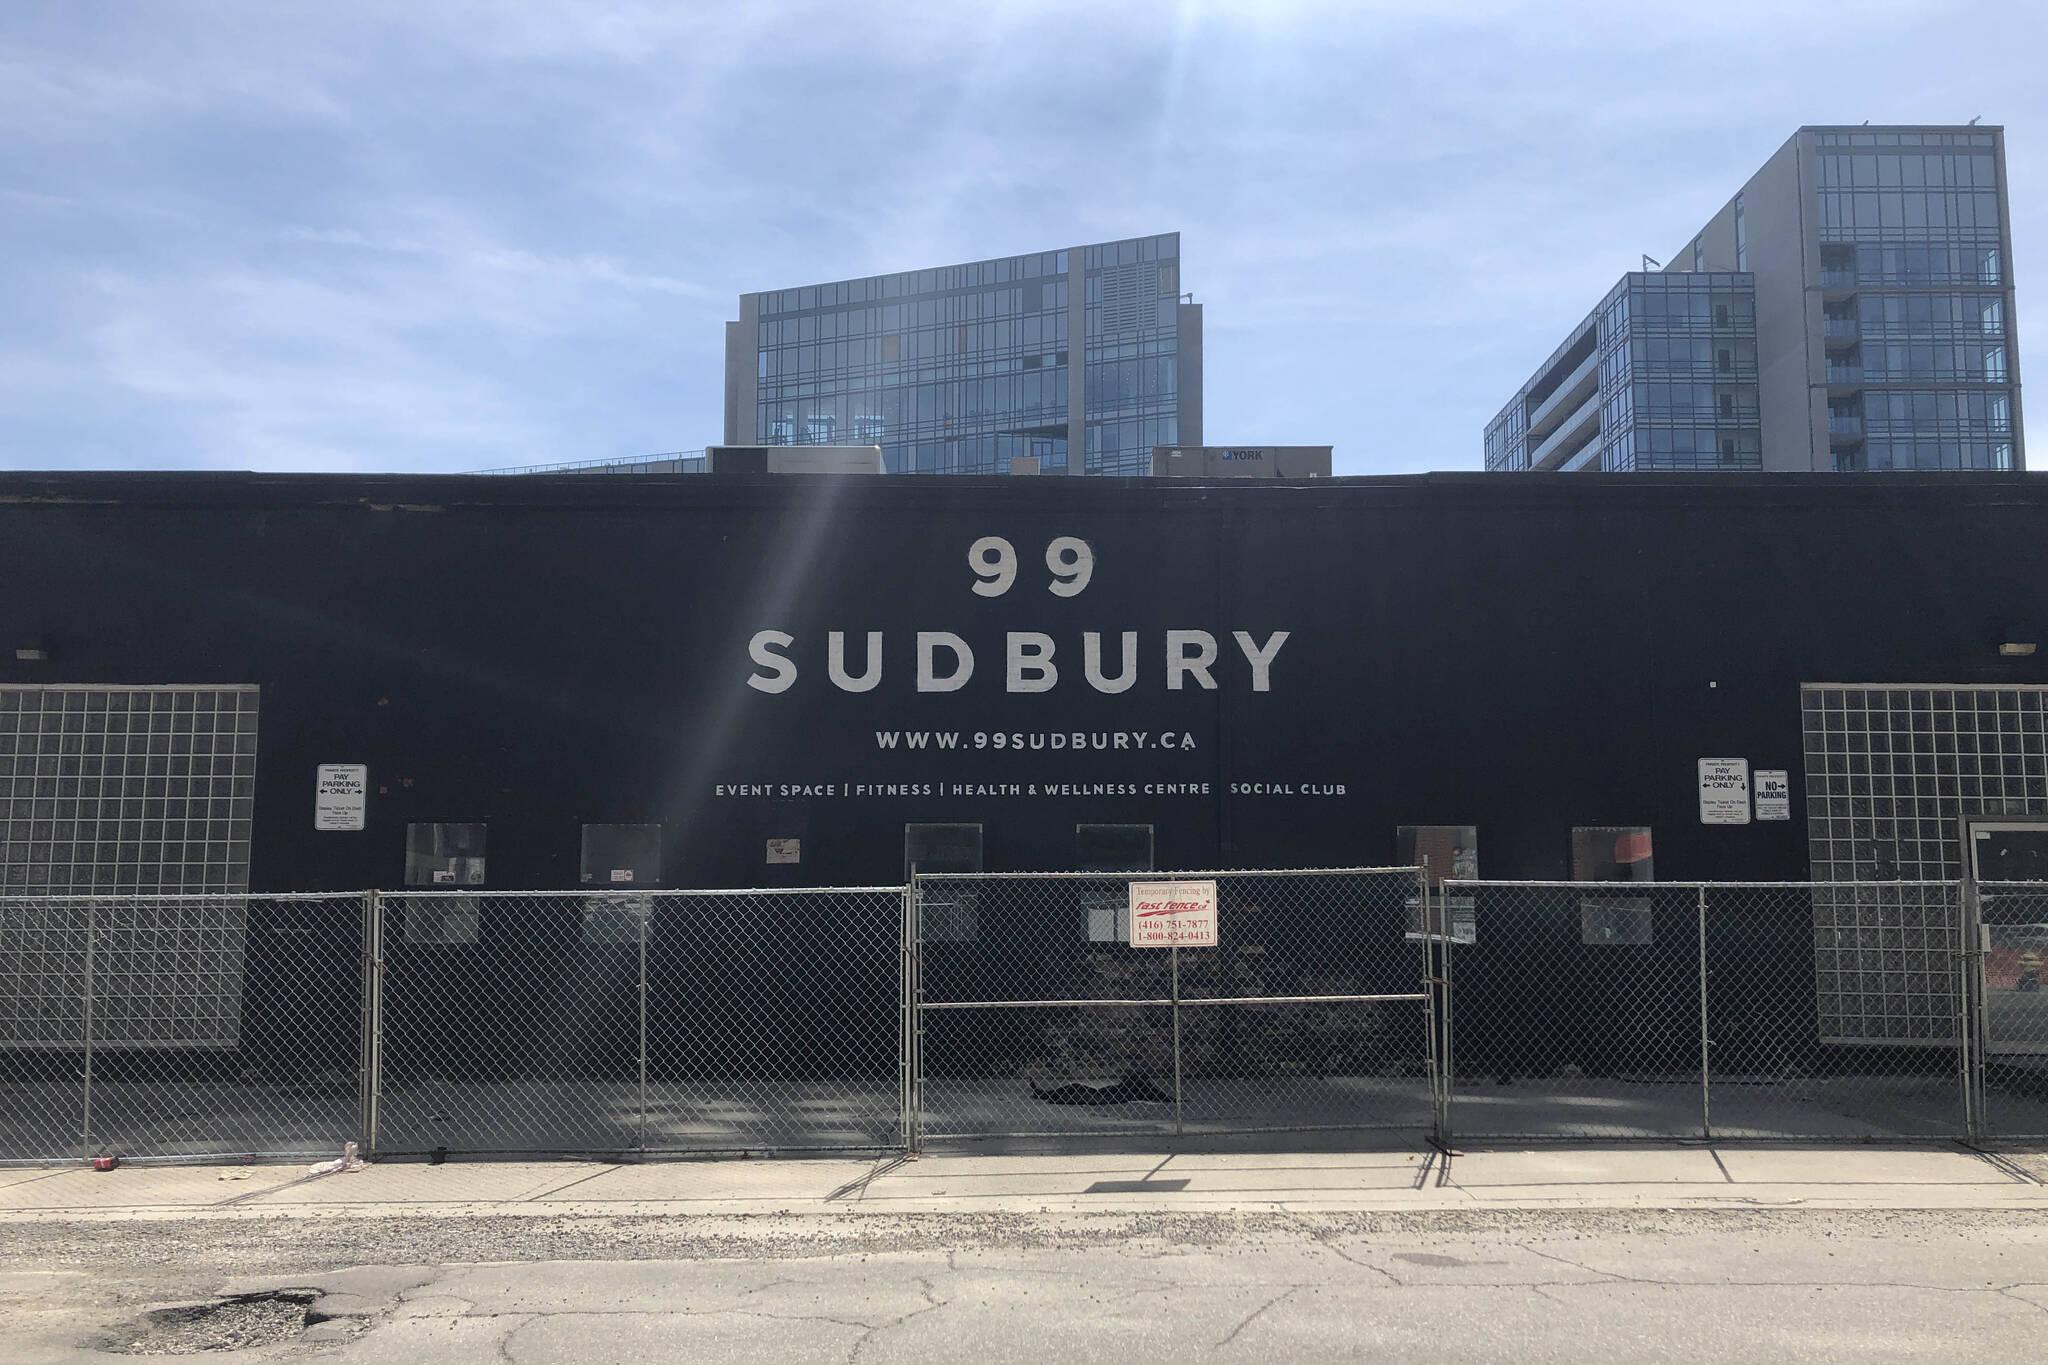 99 sudbury toronto